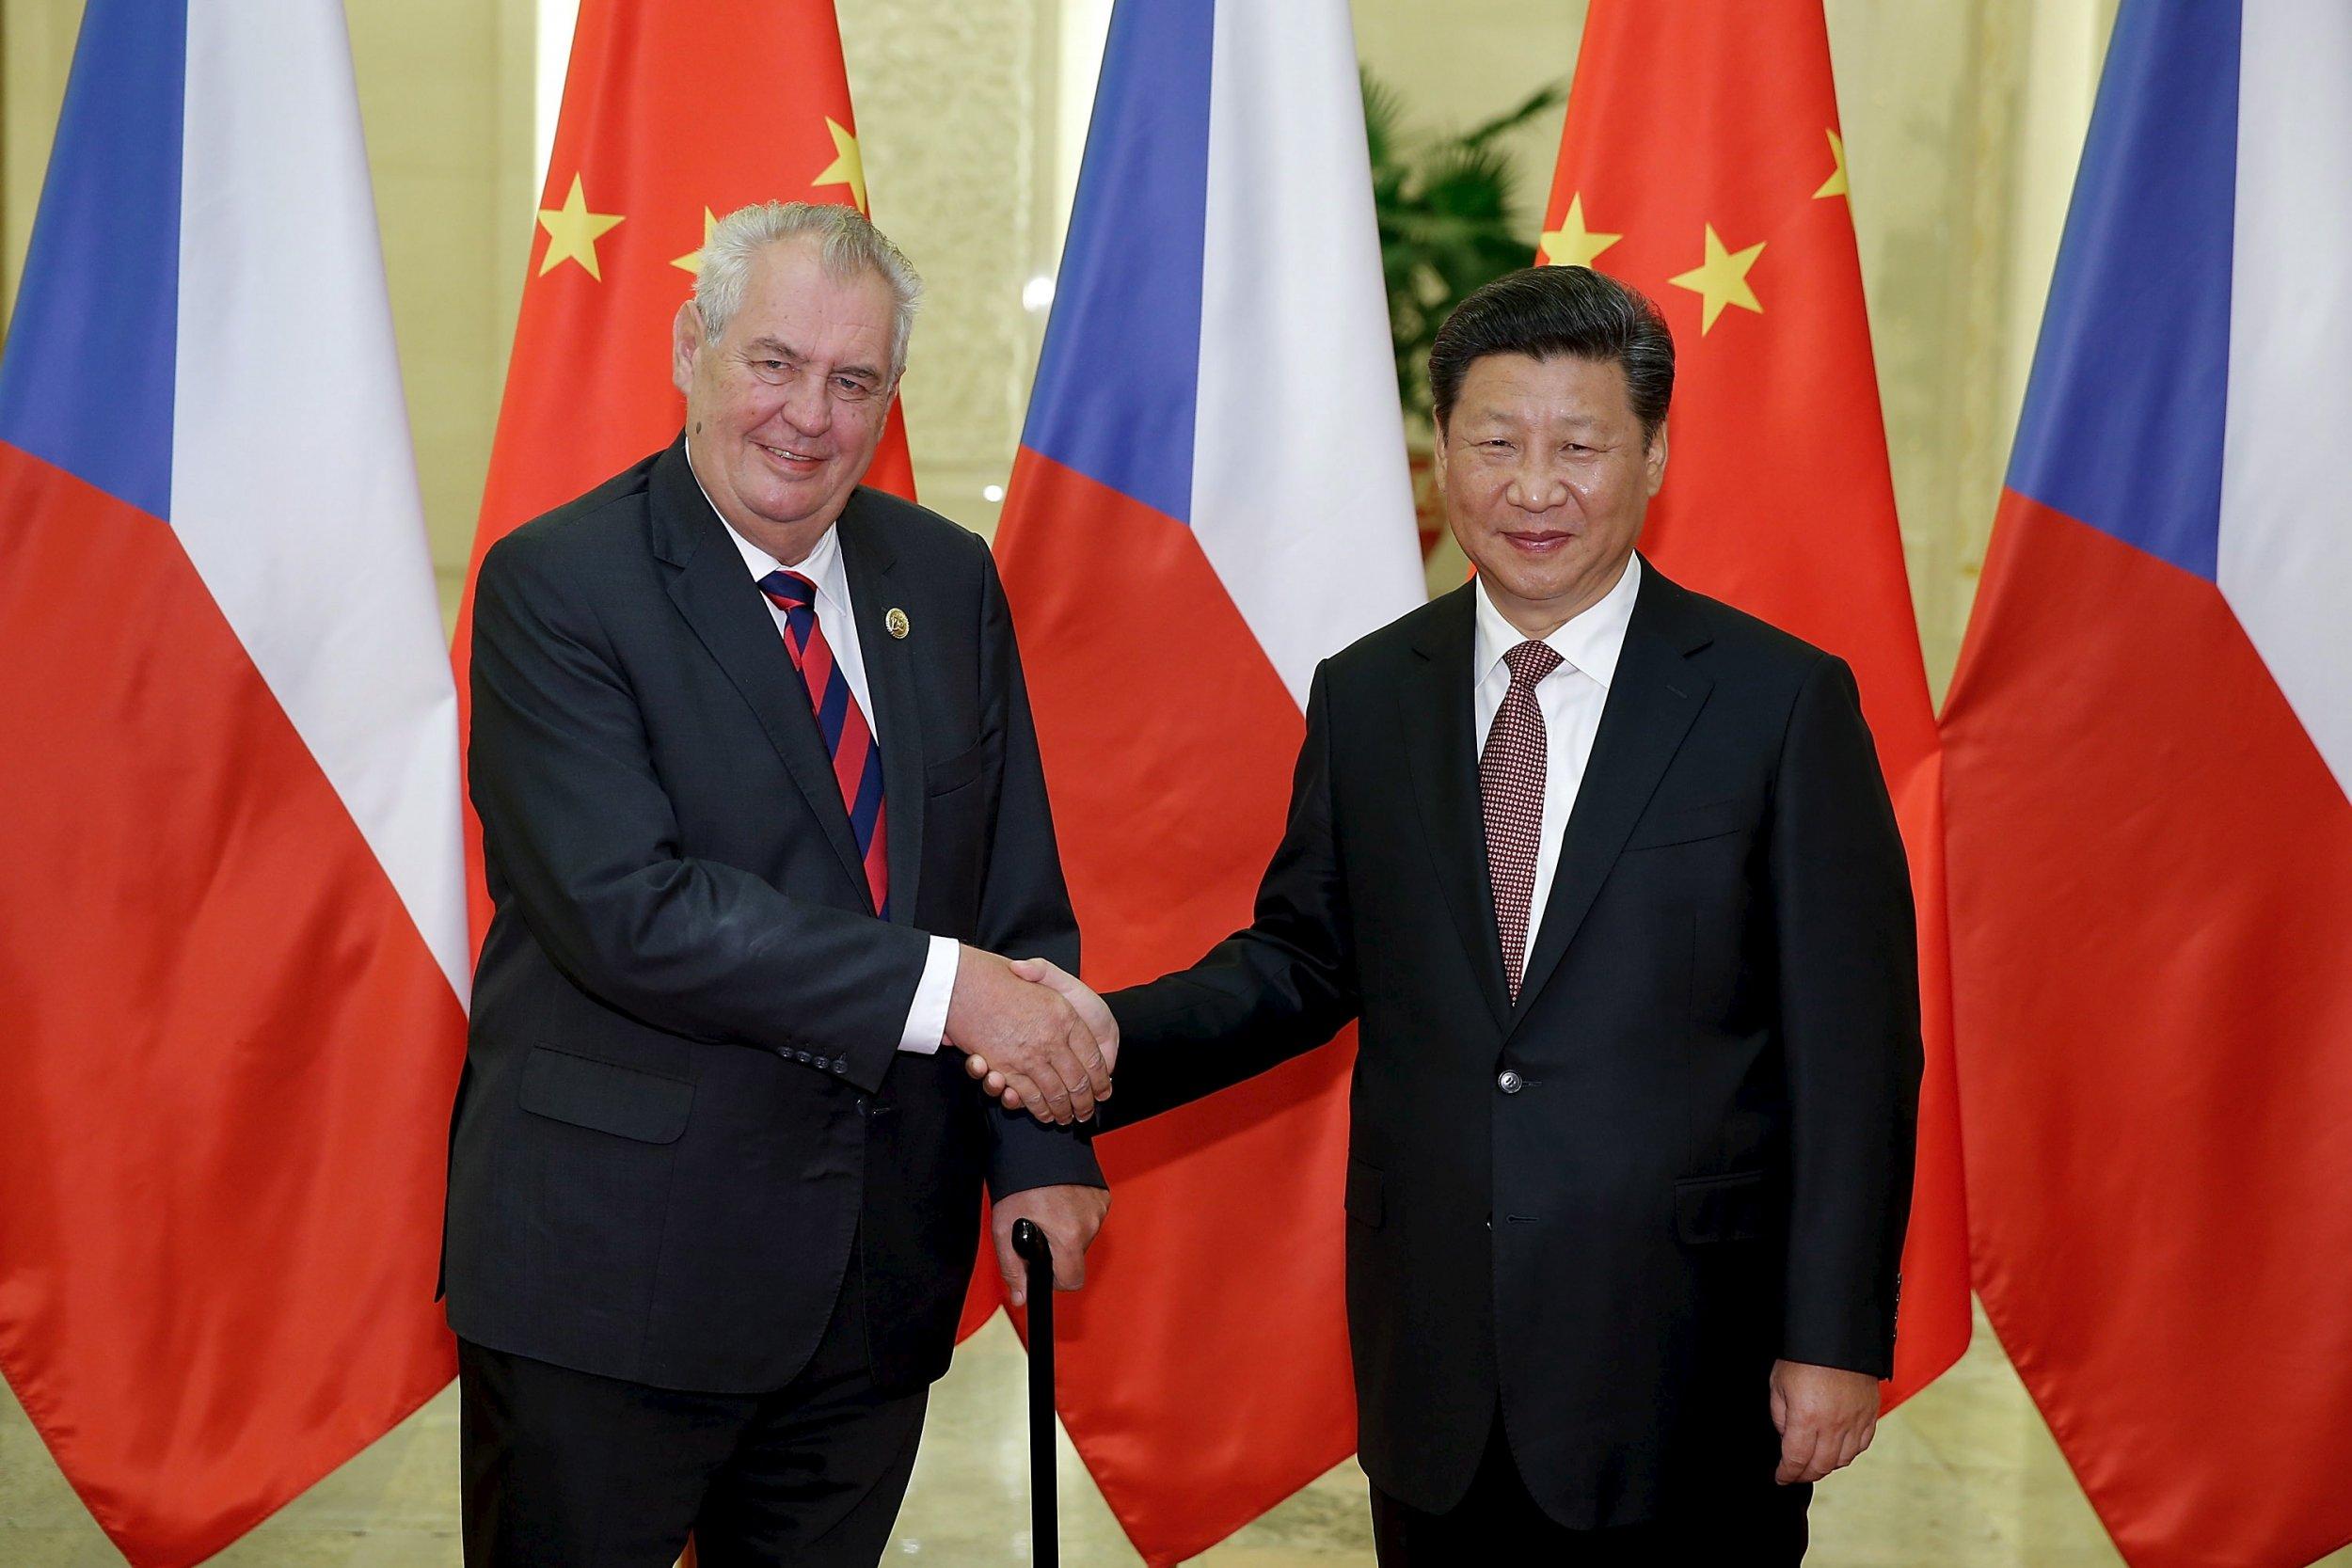 Zeman and Xi